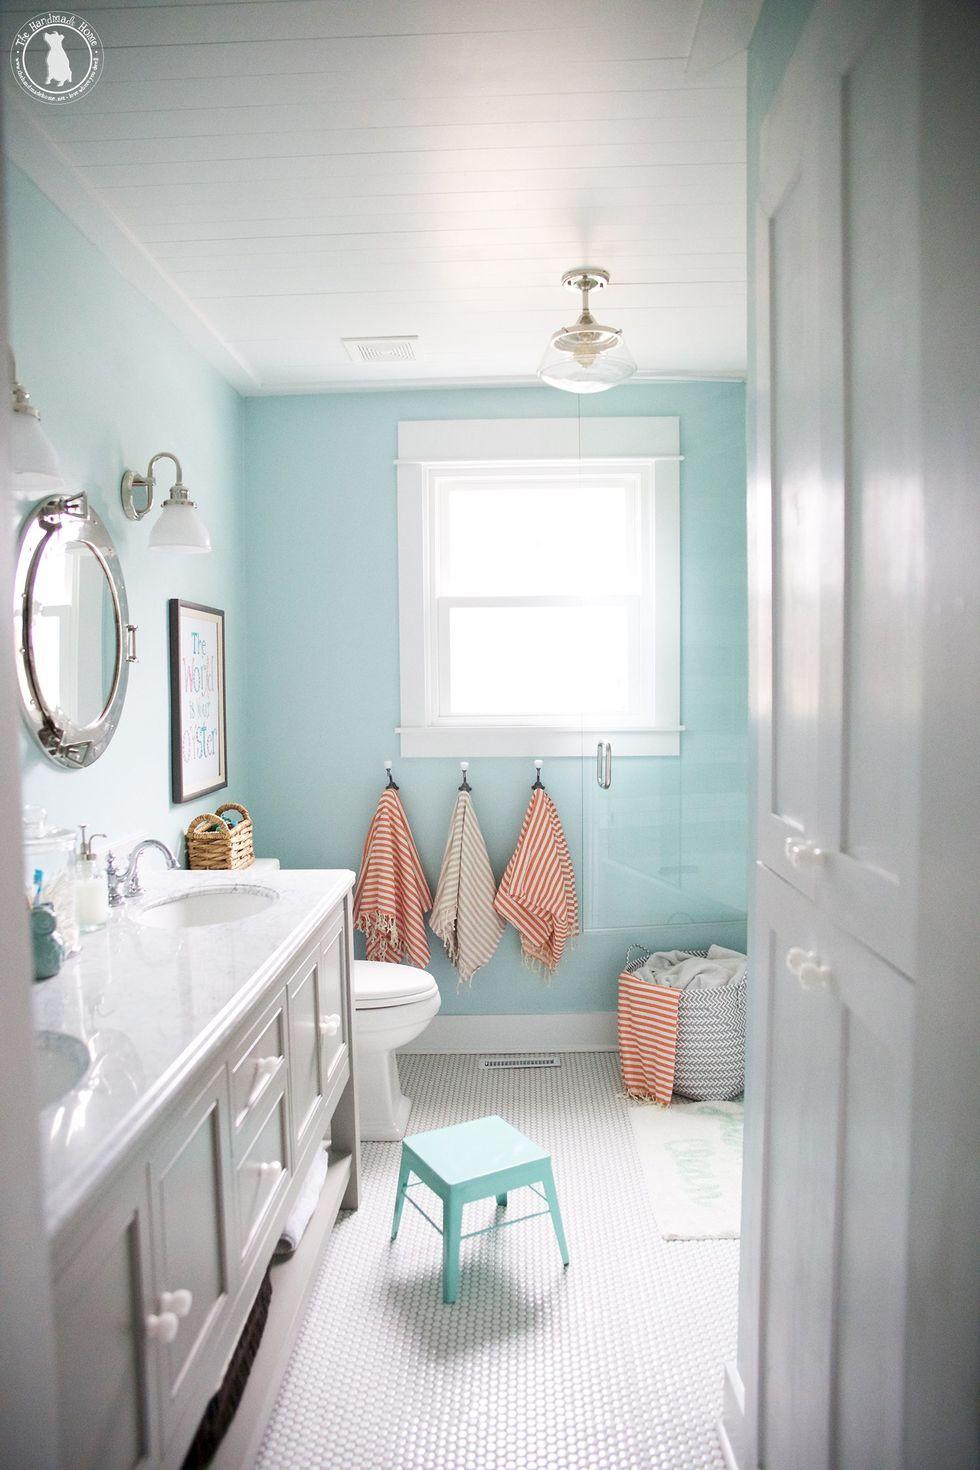 Phòng tắm nhiều màu sắc cùng những chiếc khăn tắm kẻ sáng màu sẽ thu hút trẻ nhỏ, giúp chúng hứng thứ với các hoạt động vệ sinh cá nhân hơn. Ảnh: The Handmade Home